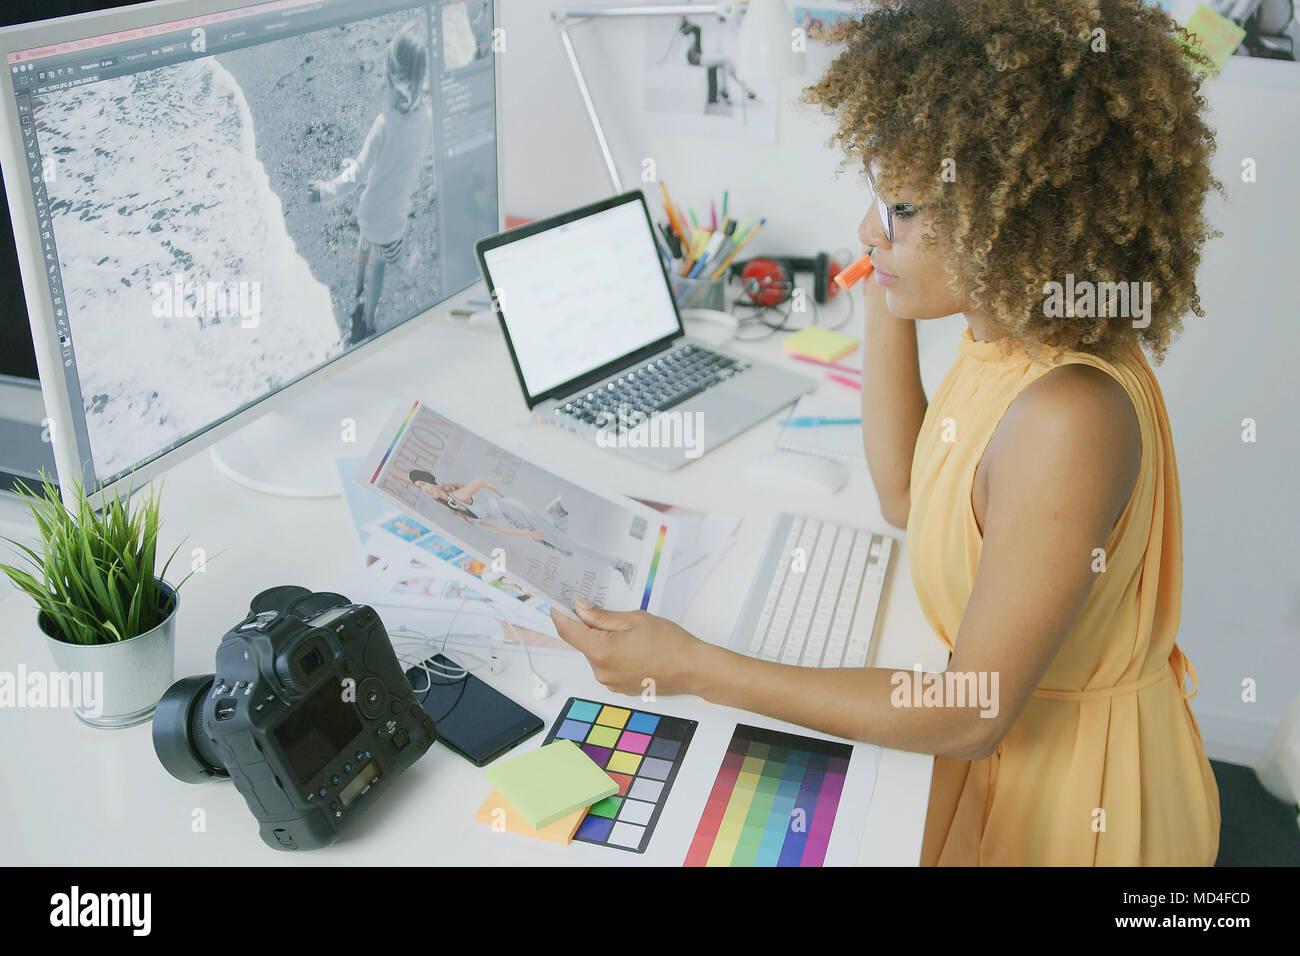 L'éditeur de photos exploration pensive Banque D'Images